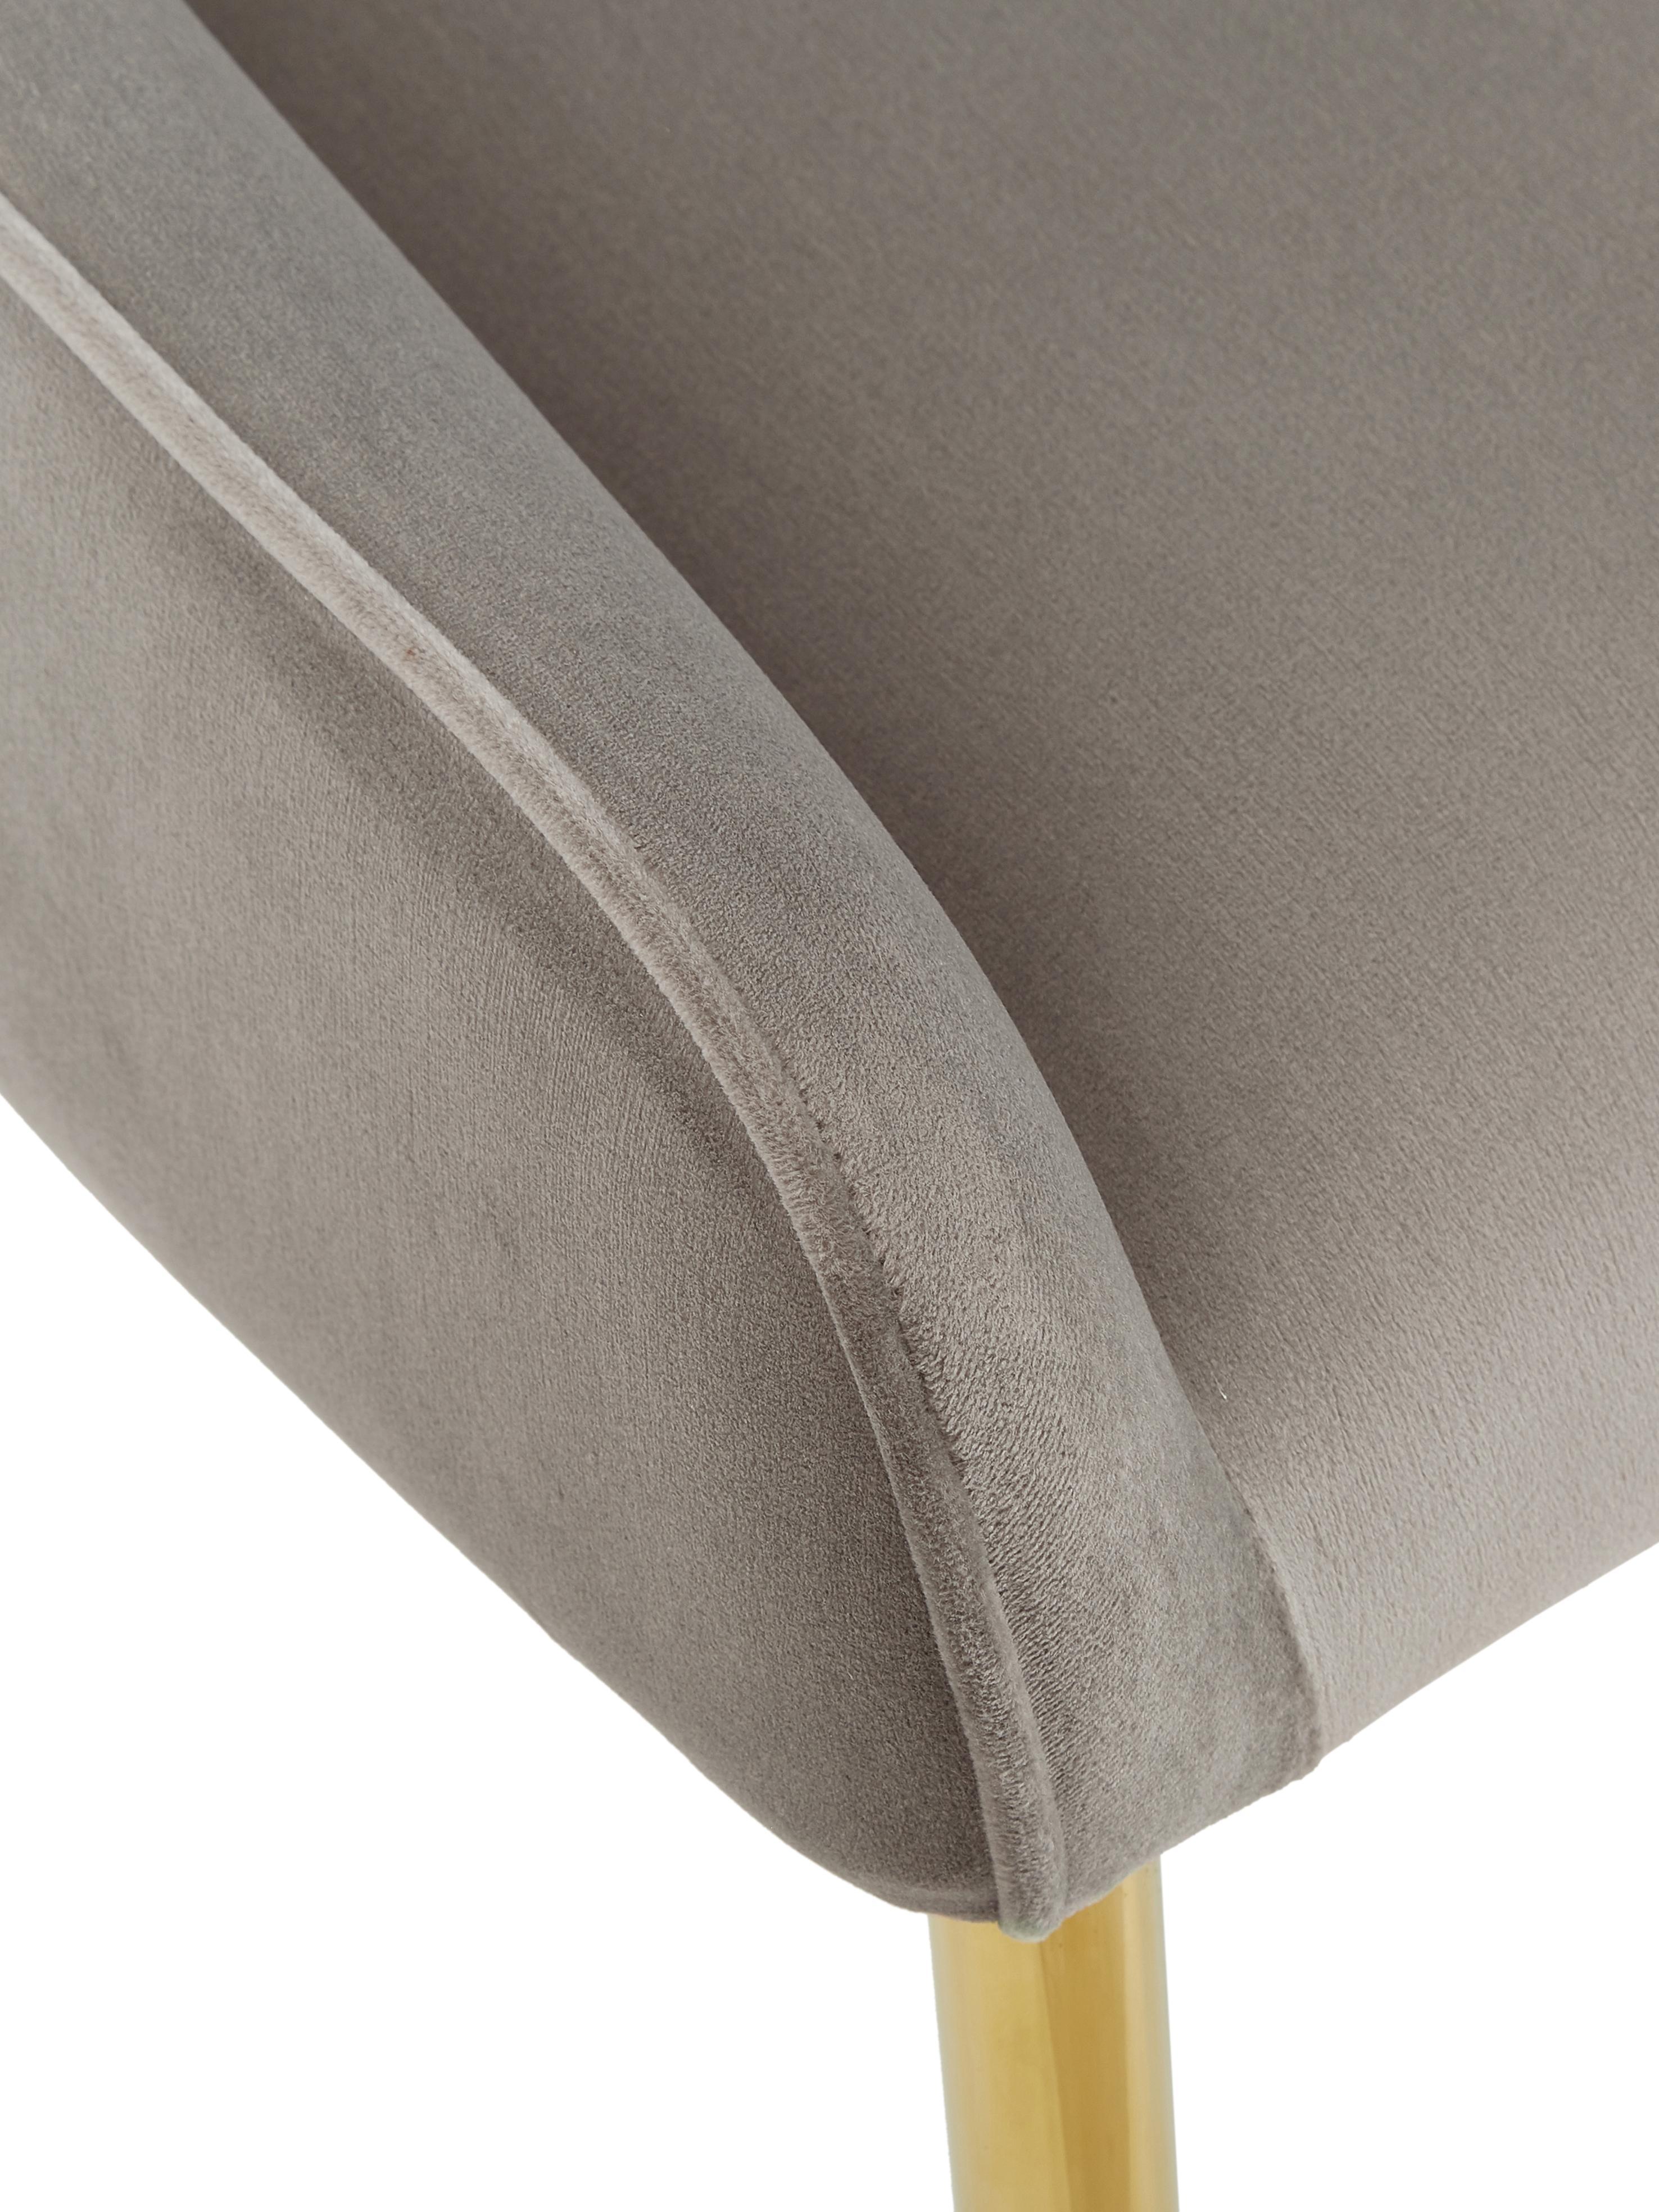 Sedia imbottita in velluto con gambe dorate Ava, Rivestimento: velluto (100% poliestere), Gambe: metallo zincato, Velluto taupe, Larg. 53 x Alt. 60 cm